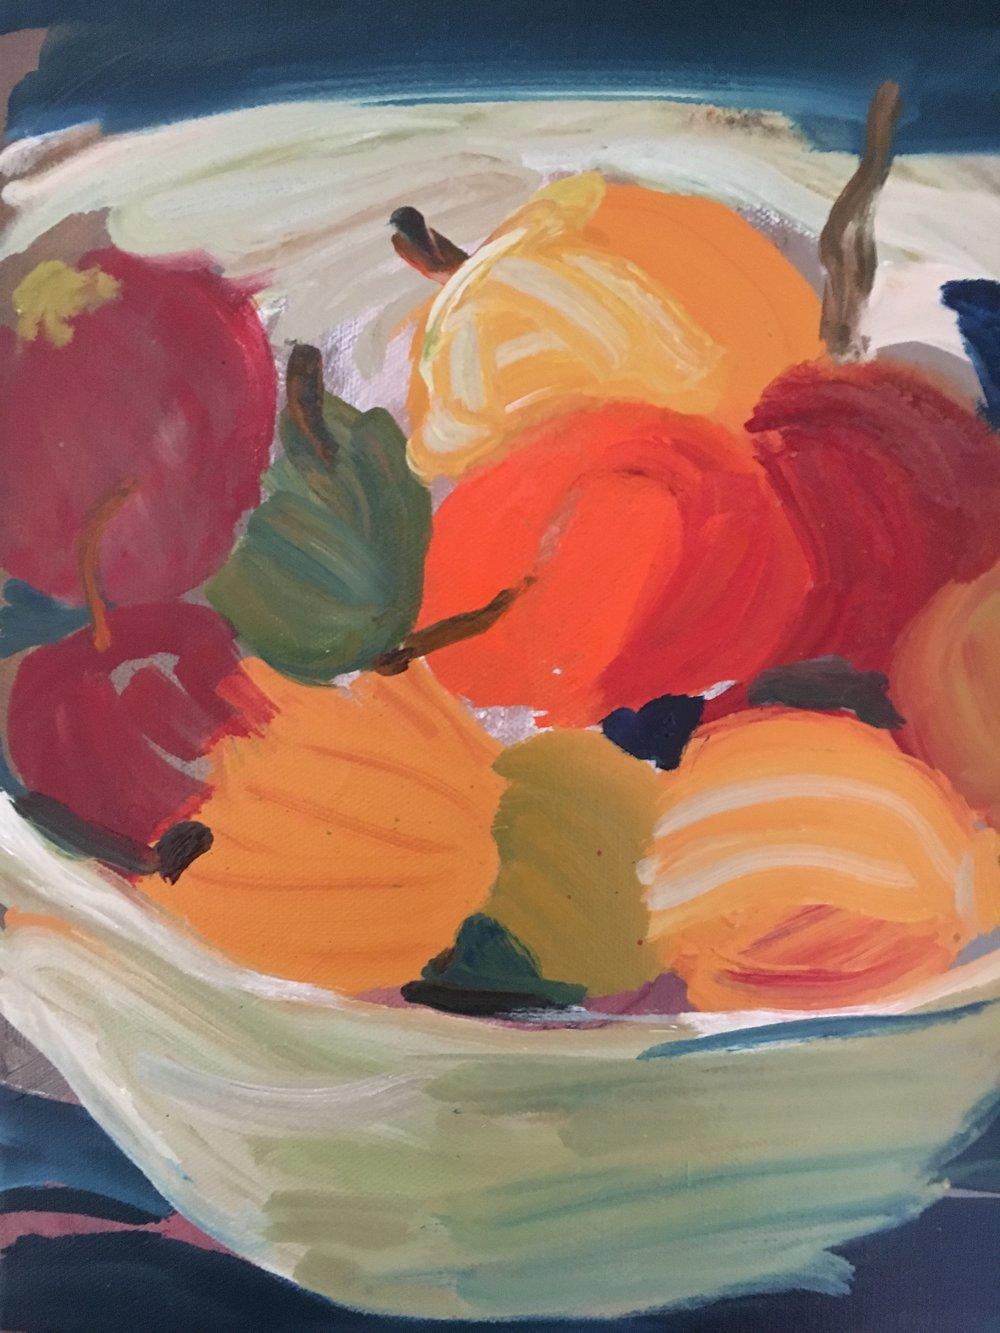 fruit 15cms x 20 cms oil on canvas 2018